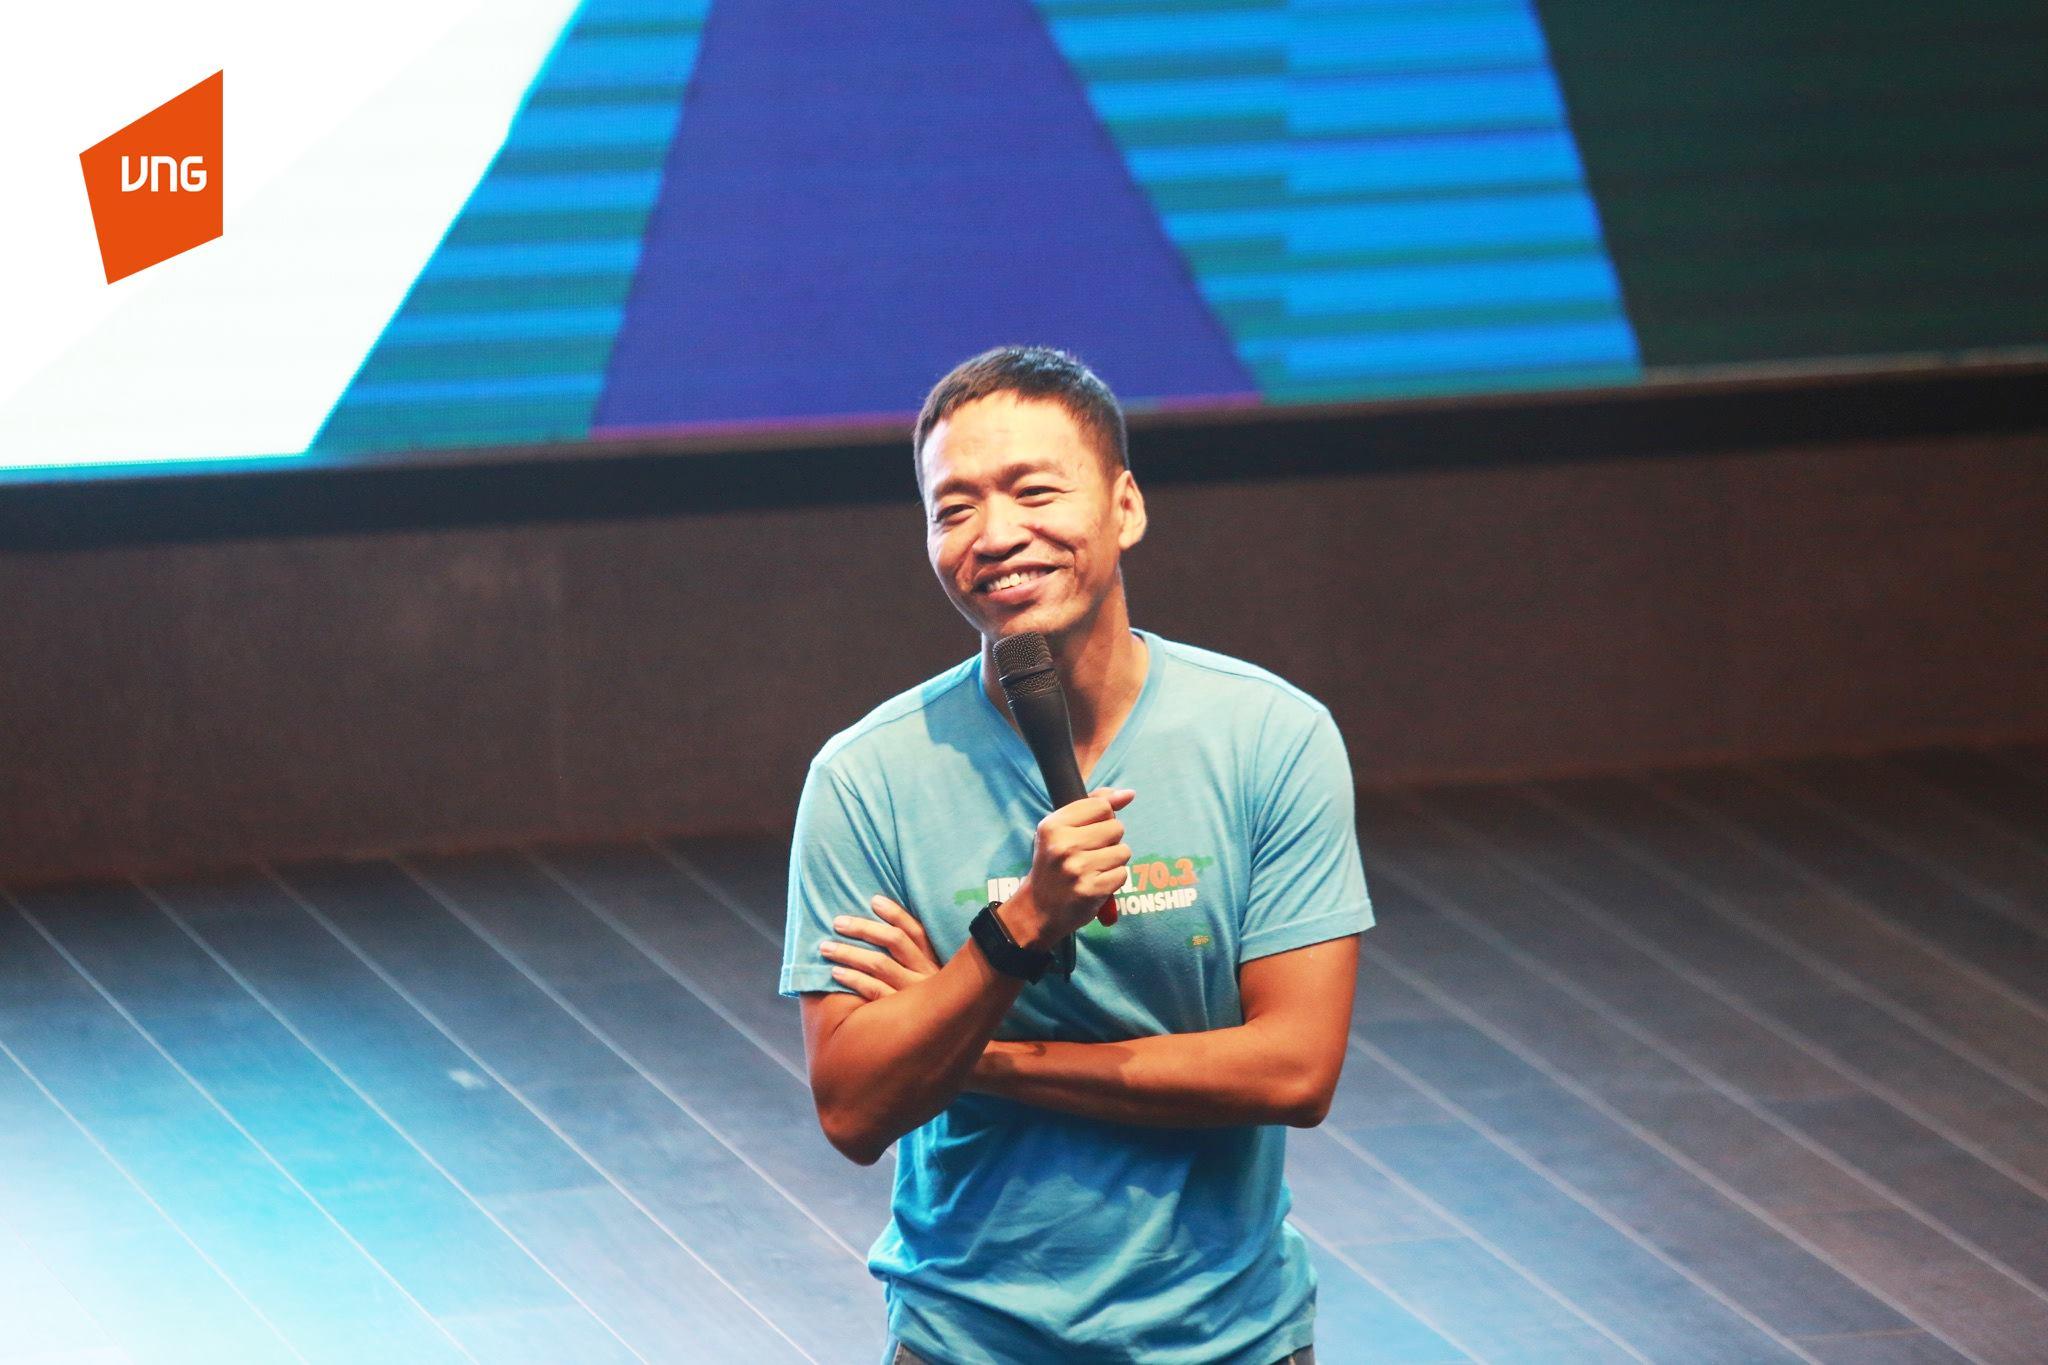 Cảm hứng khởi nghiệp cho giới trẻ từ anh Lê Hồng Minh – CEO VNG